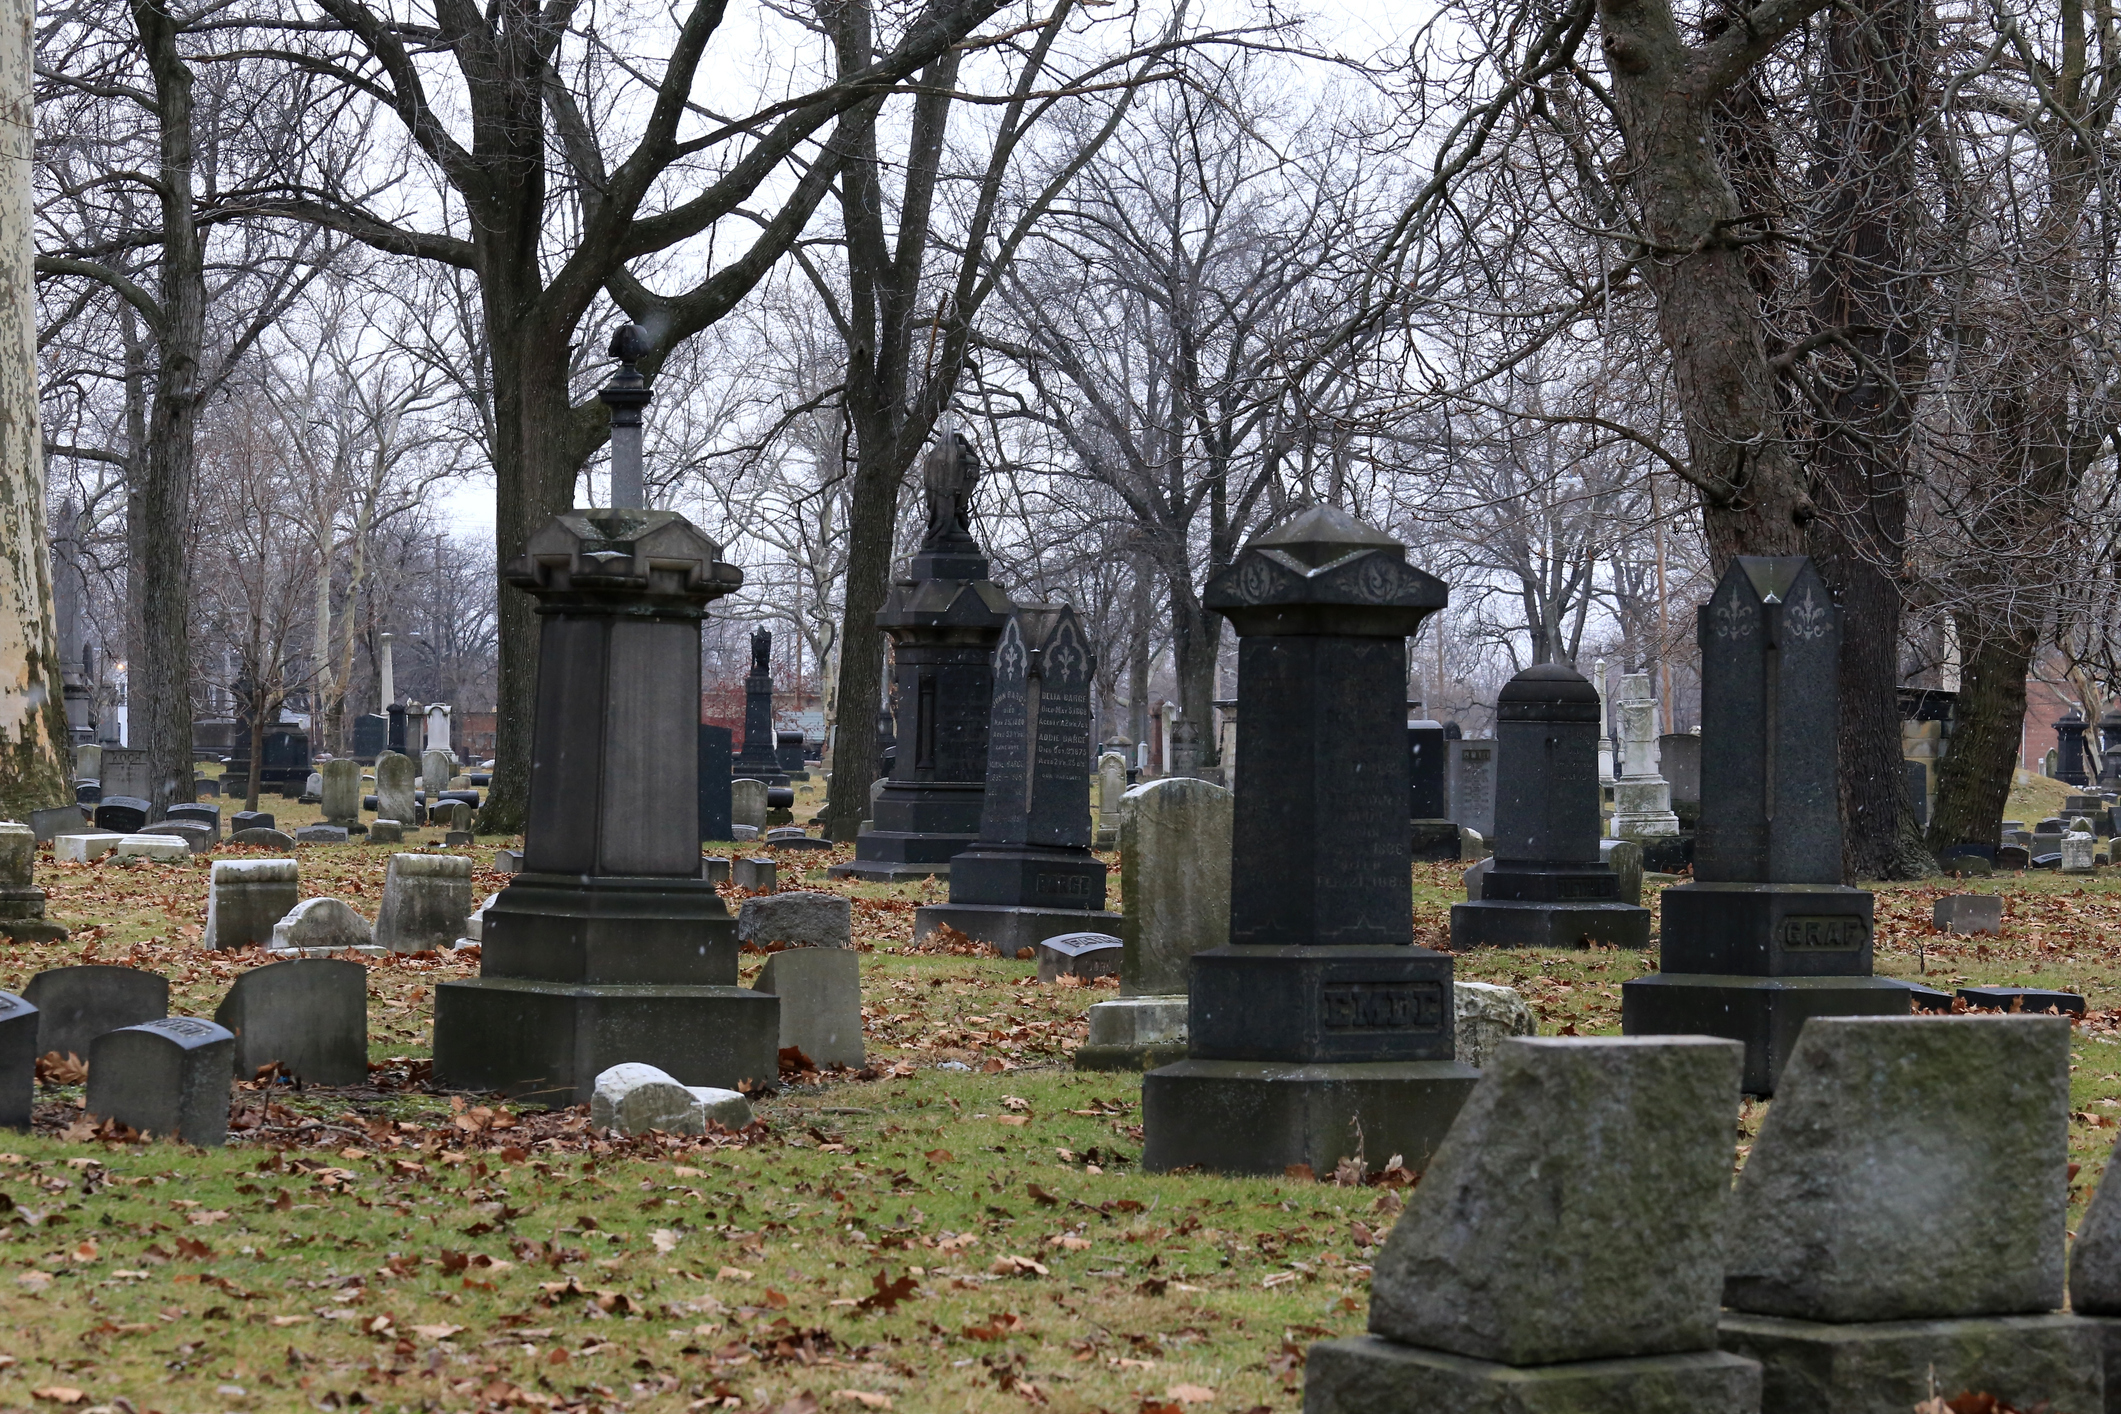 """Imagini șocante într-un cimitir. Cum a fost surprins un cuplu, printre morminte: """"Nu mă așteptam la o astfel de mizerie"""""""